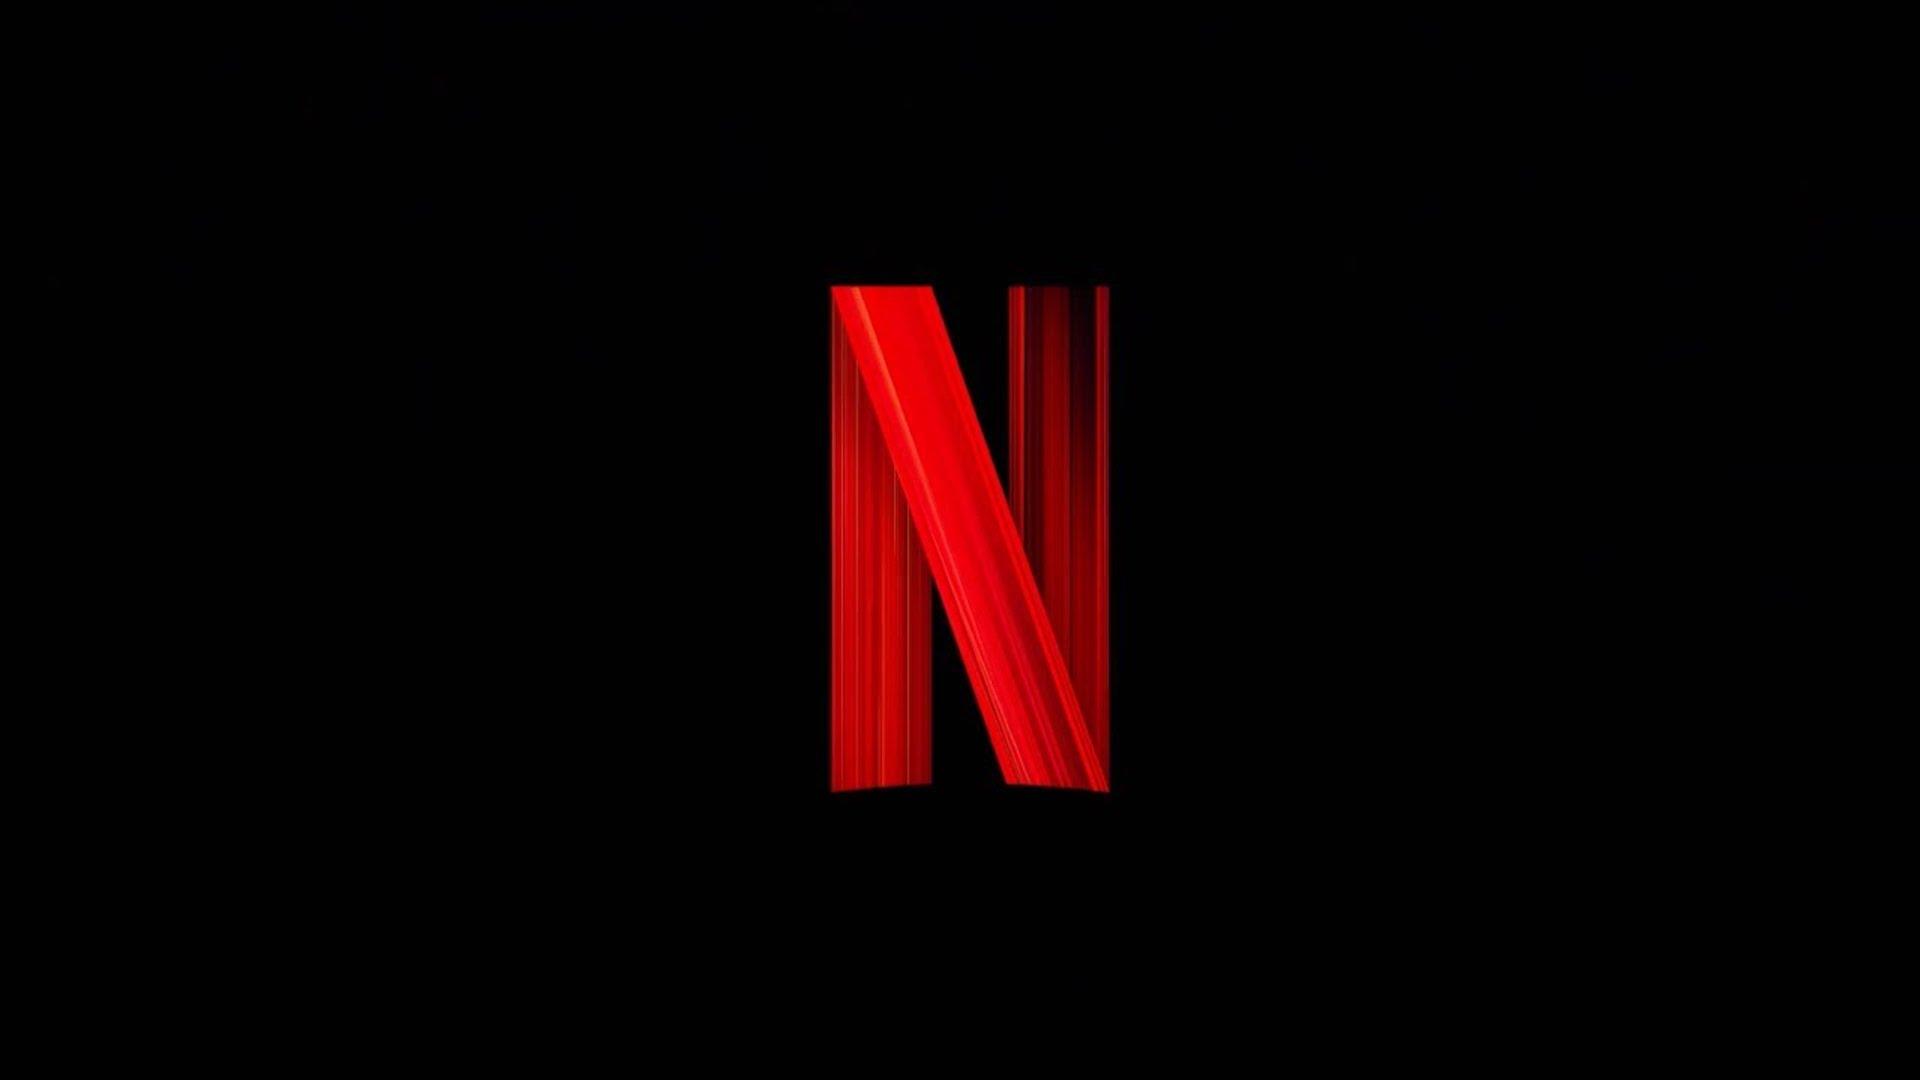 Le festival de Cannes dit encore non à Netflix en 2019